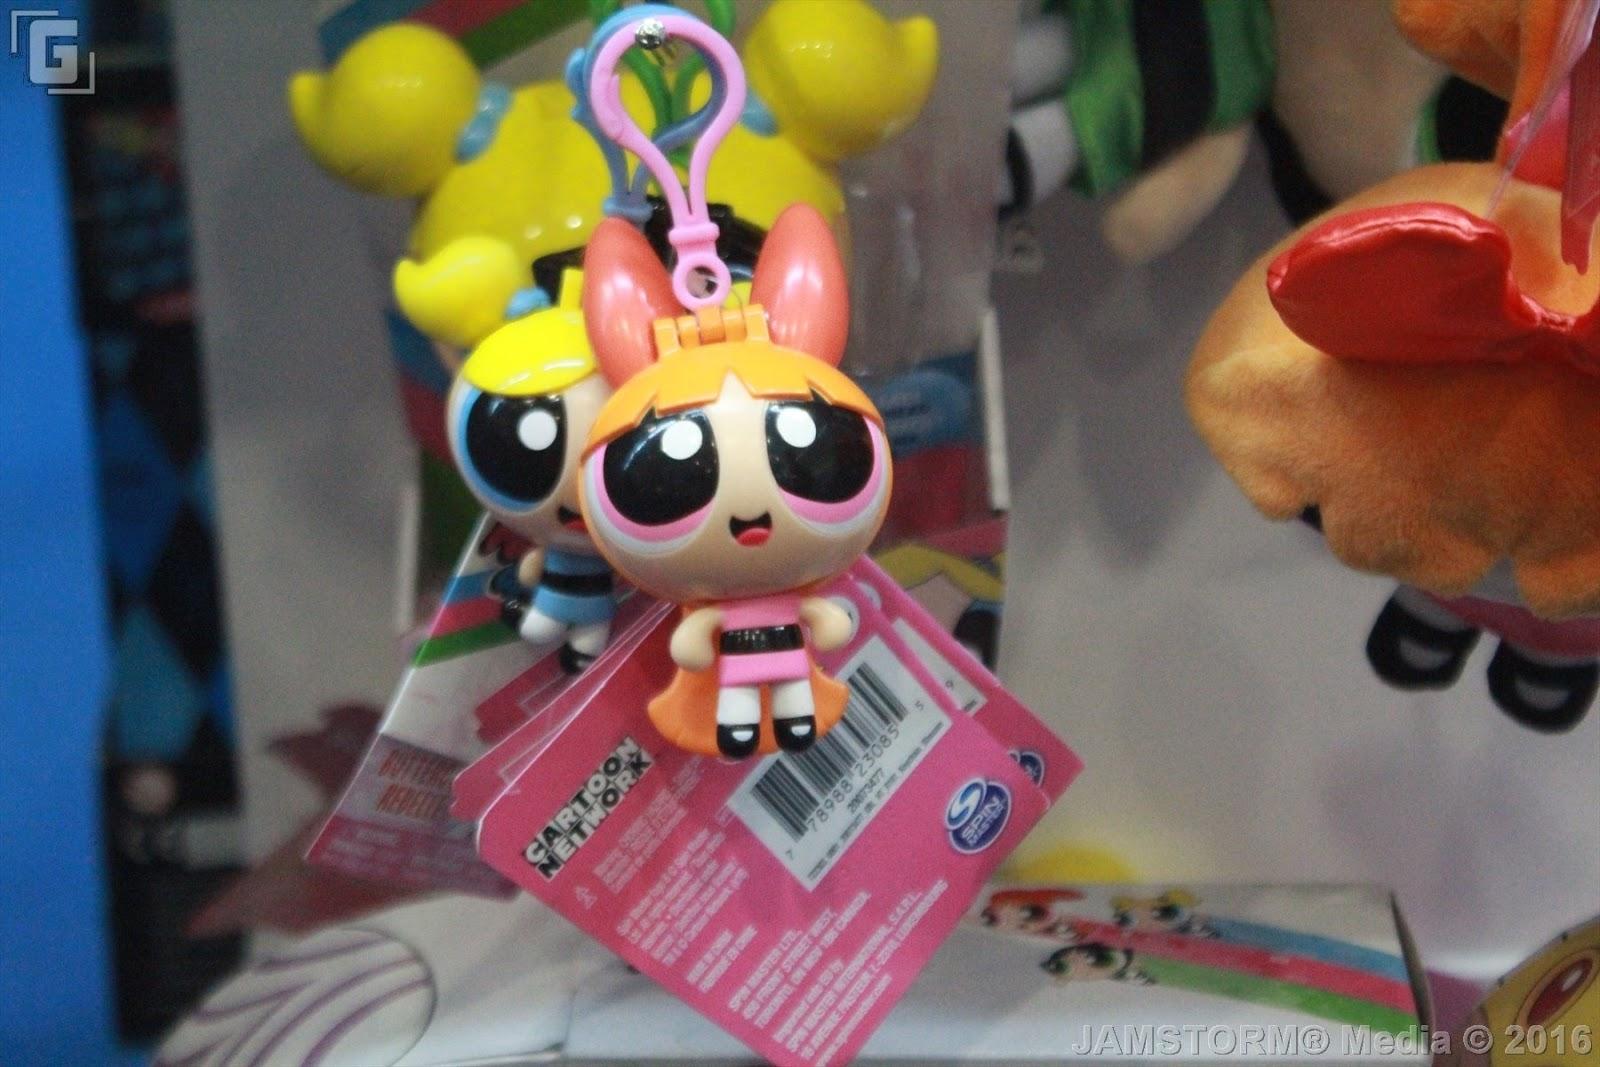 Powerpuff Girls Toys : Geekmatic toy expo the powerpuff girls